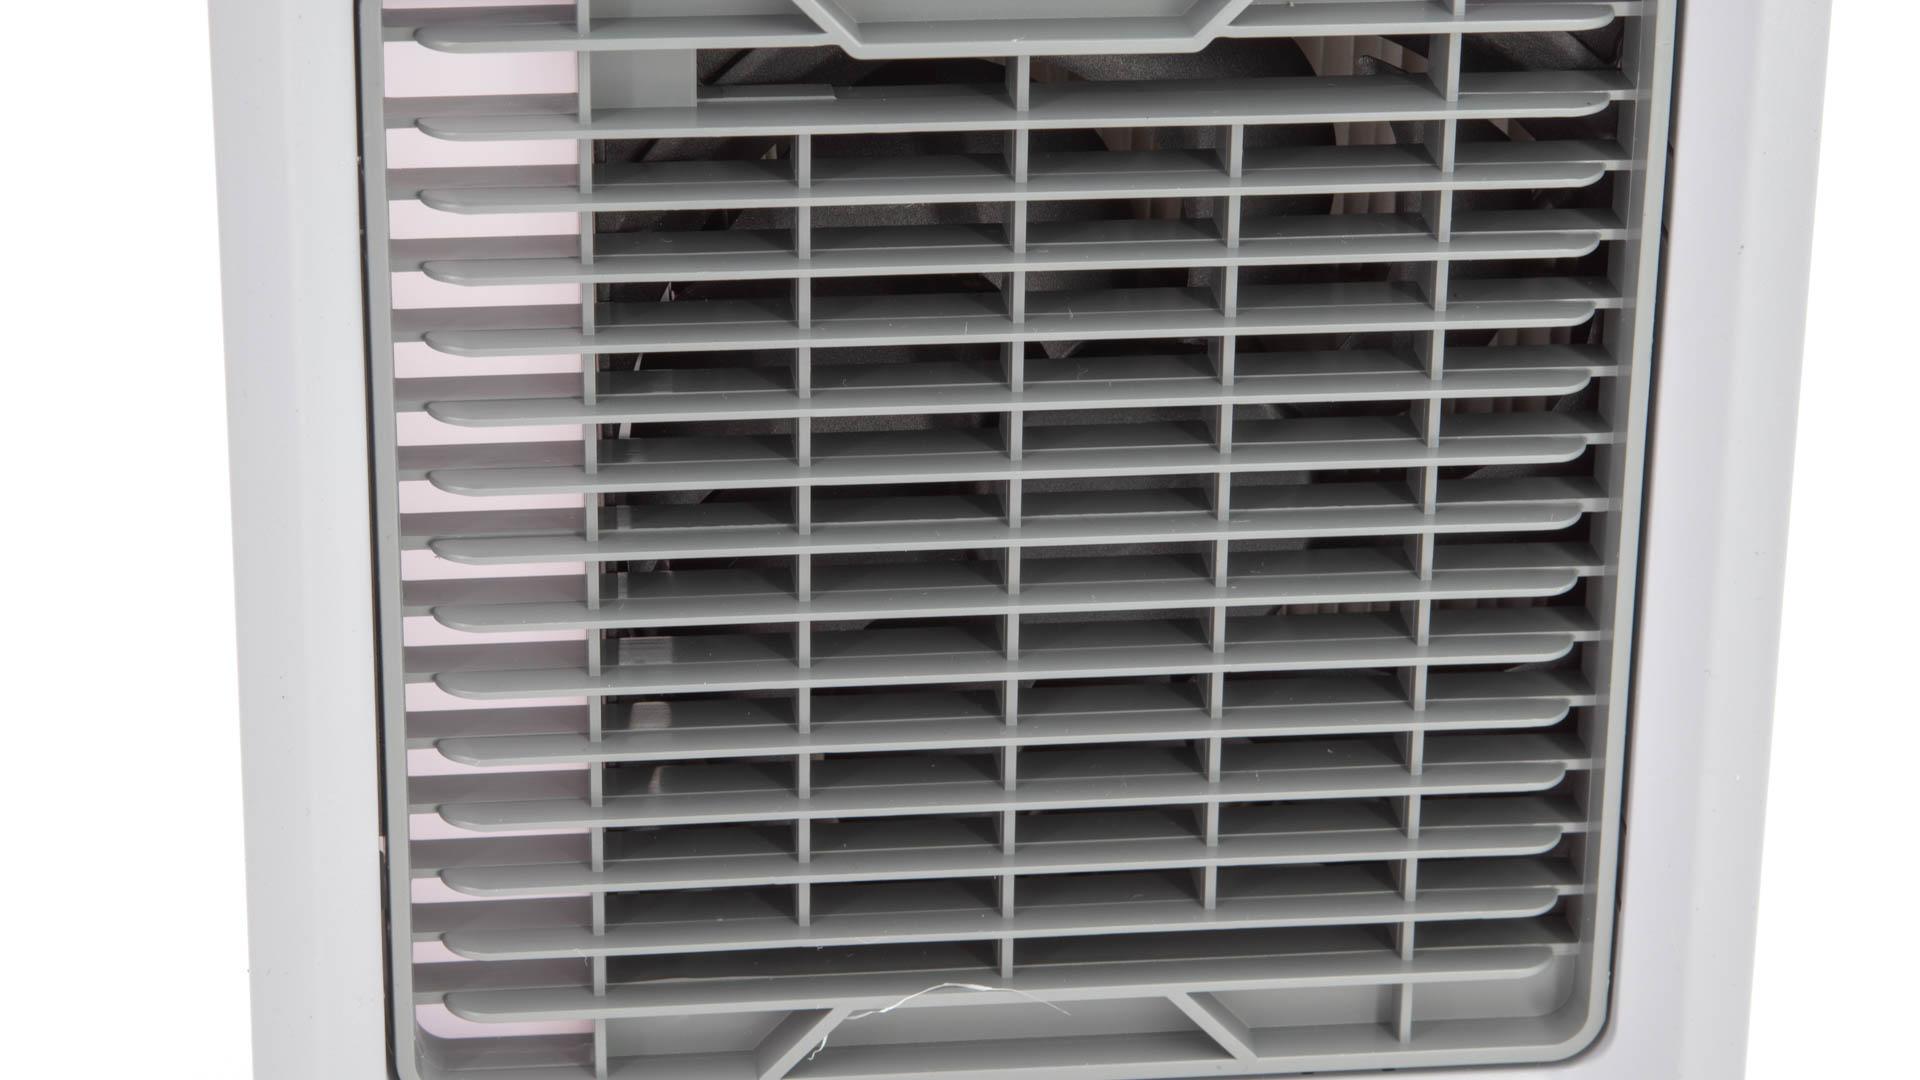 klimaanlage schlafzimmer test | klimaanlage wohnzimmer rubengonzalez